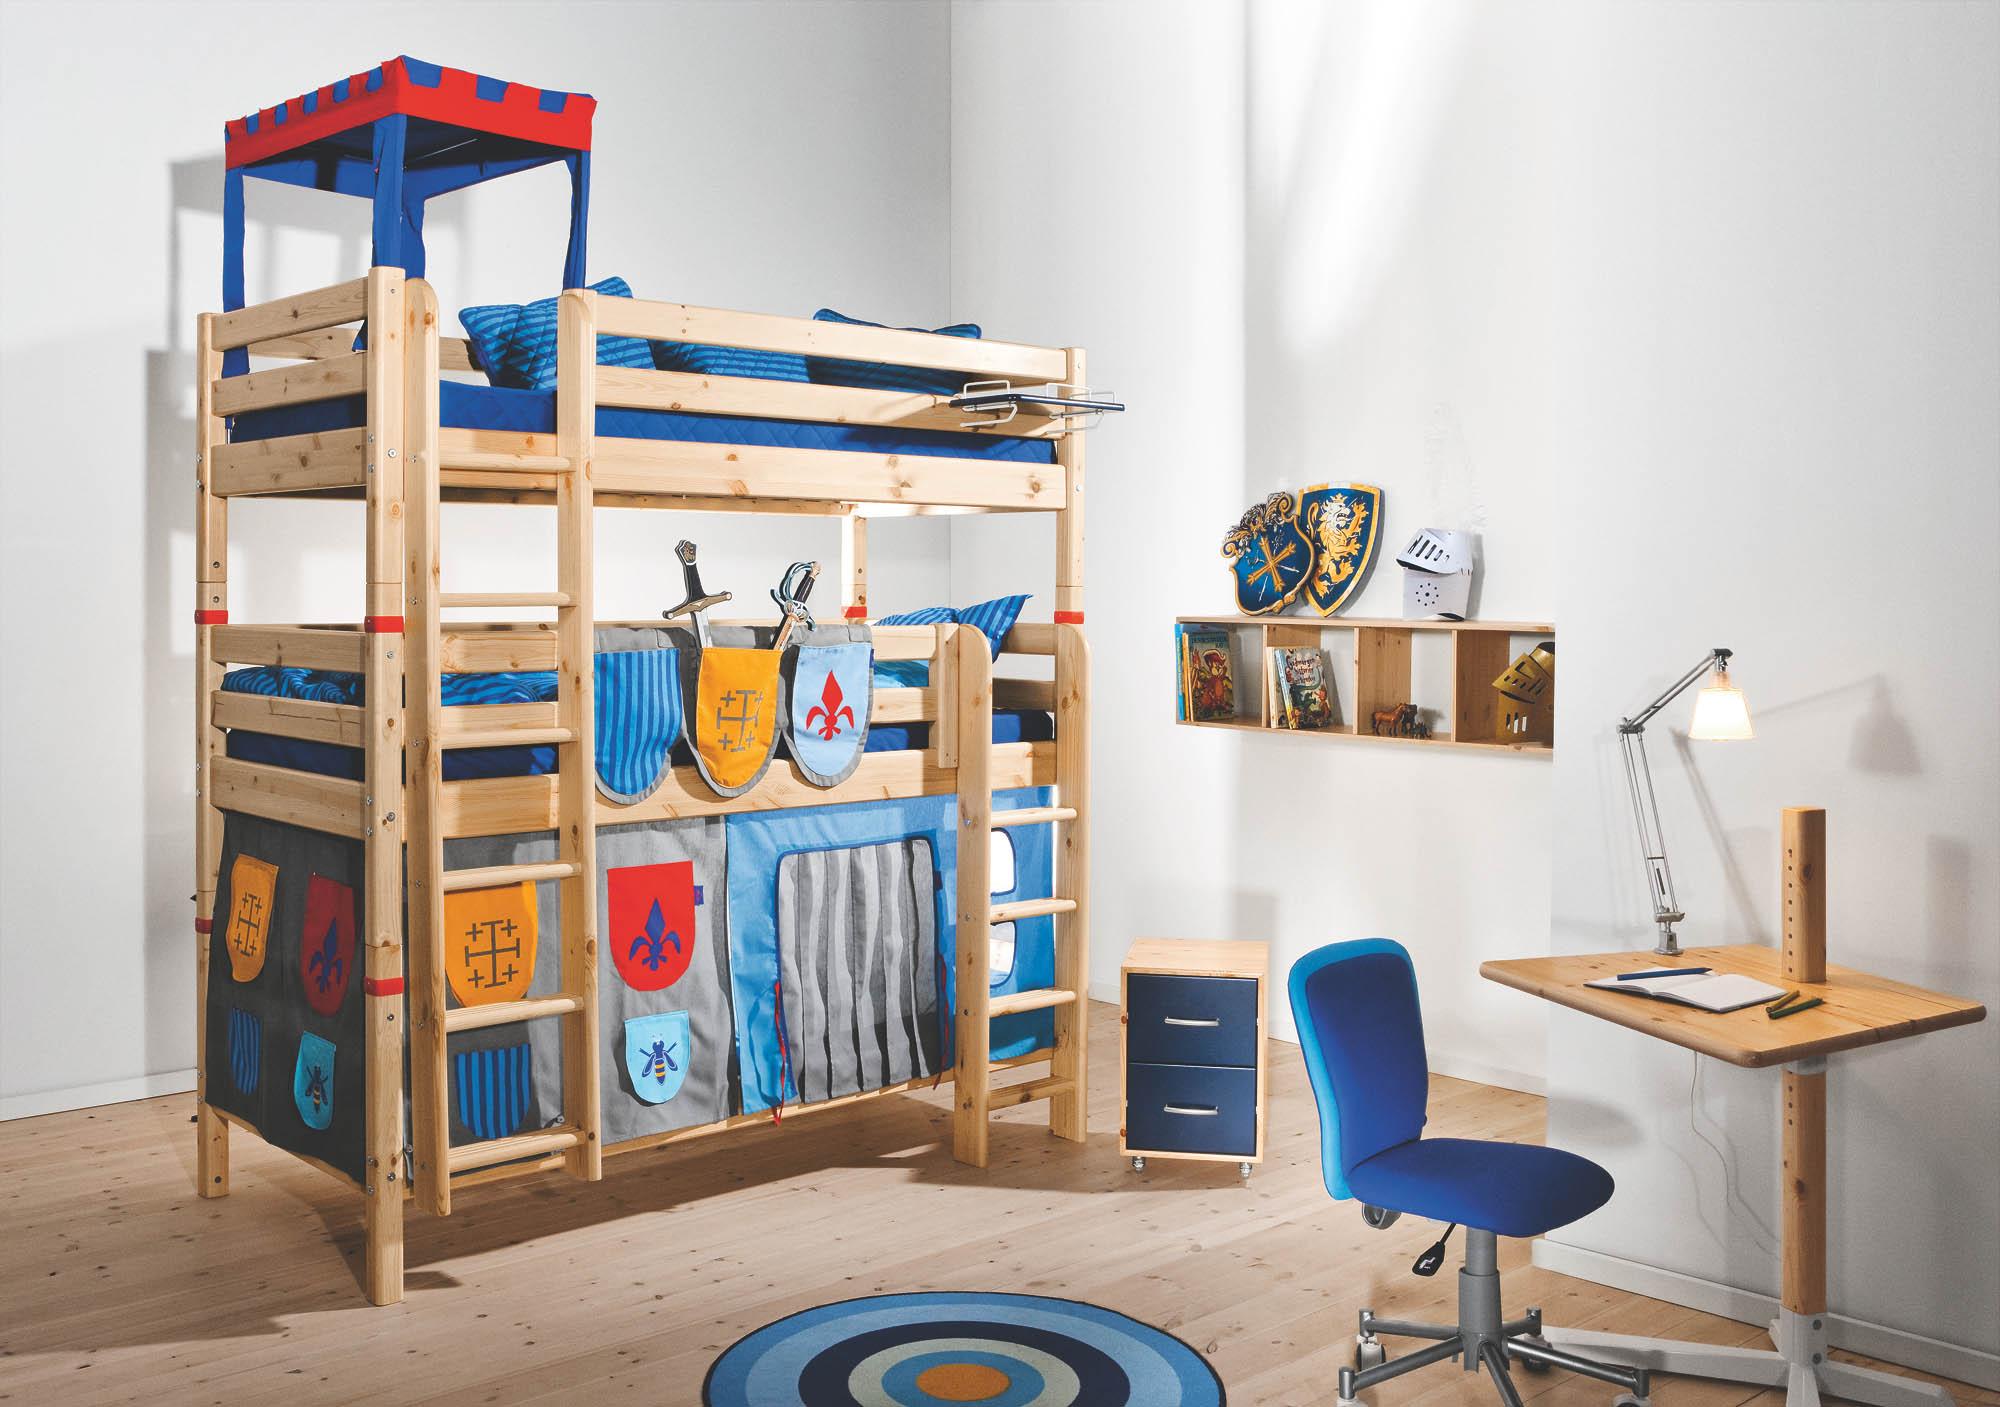 Full Size of Kinderzimmer Einrichten Junge Jugend Babyzimmer Kleine Küche Sofa Regal Weiß Regale Badezimmer Kinderzimmer Kinderzimmer Einrichten Junge